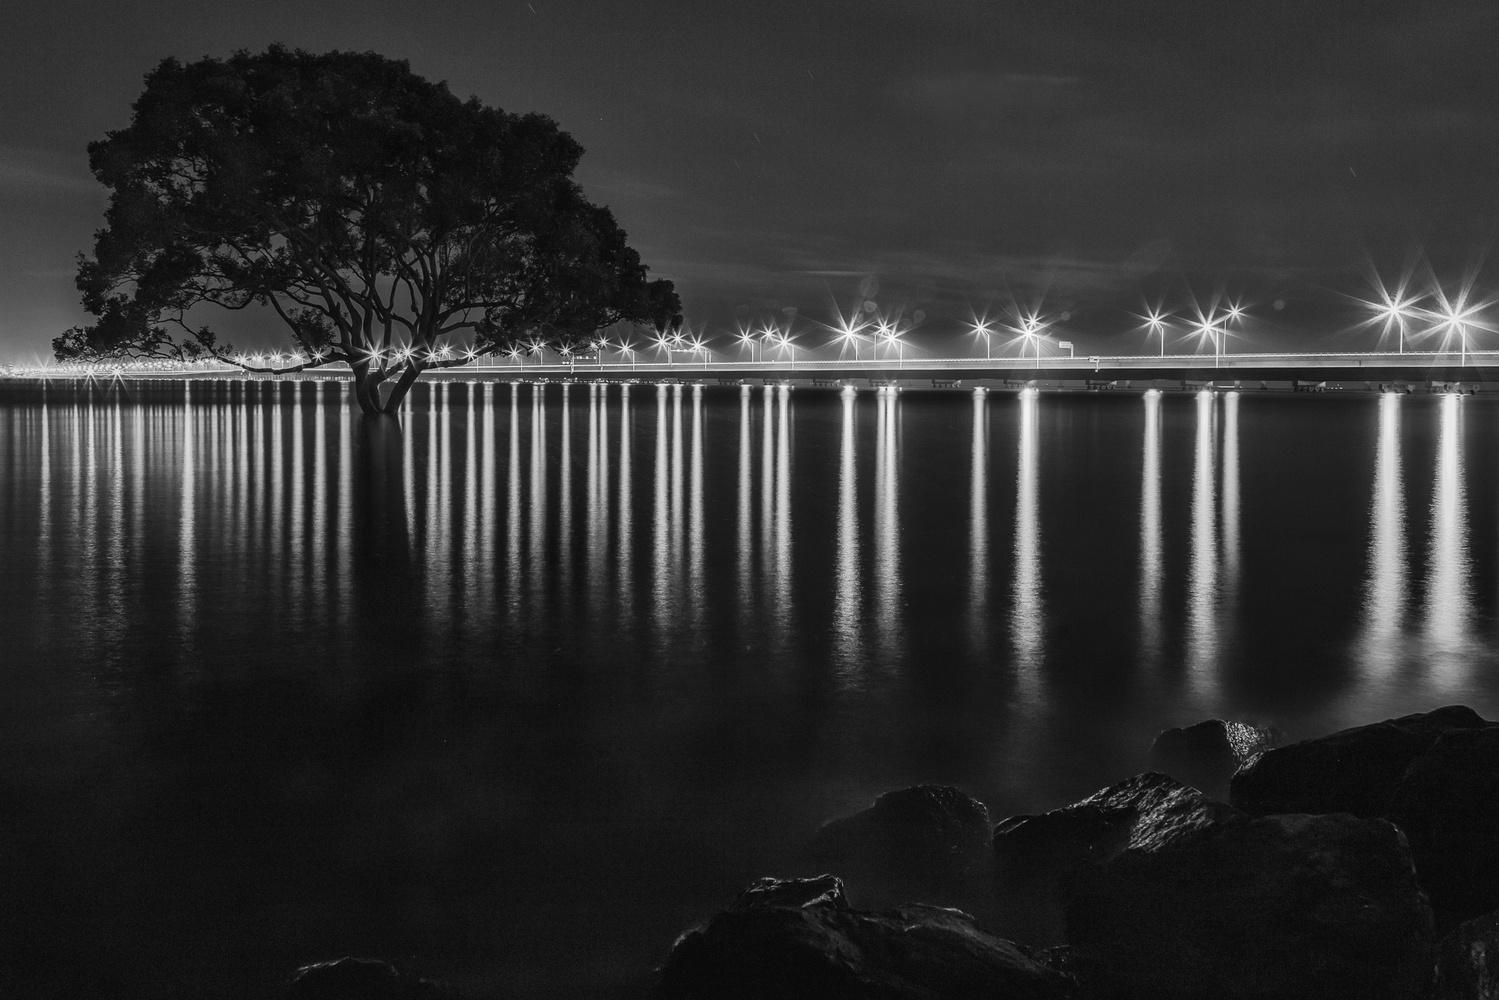 tree & bridge by Johnny Bongo